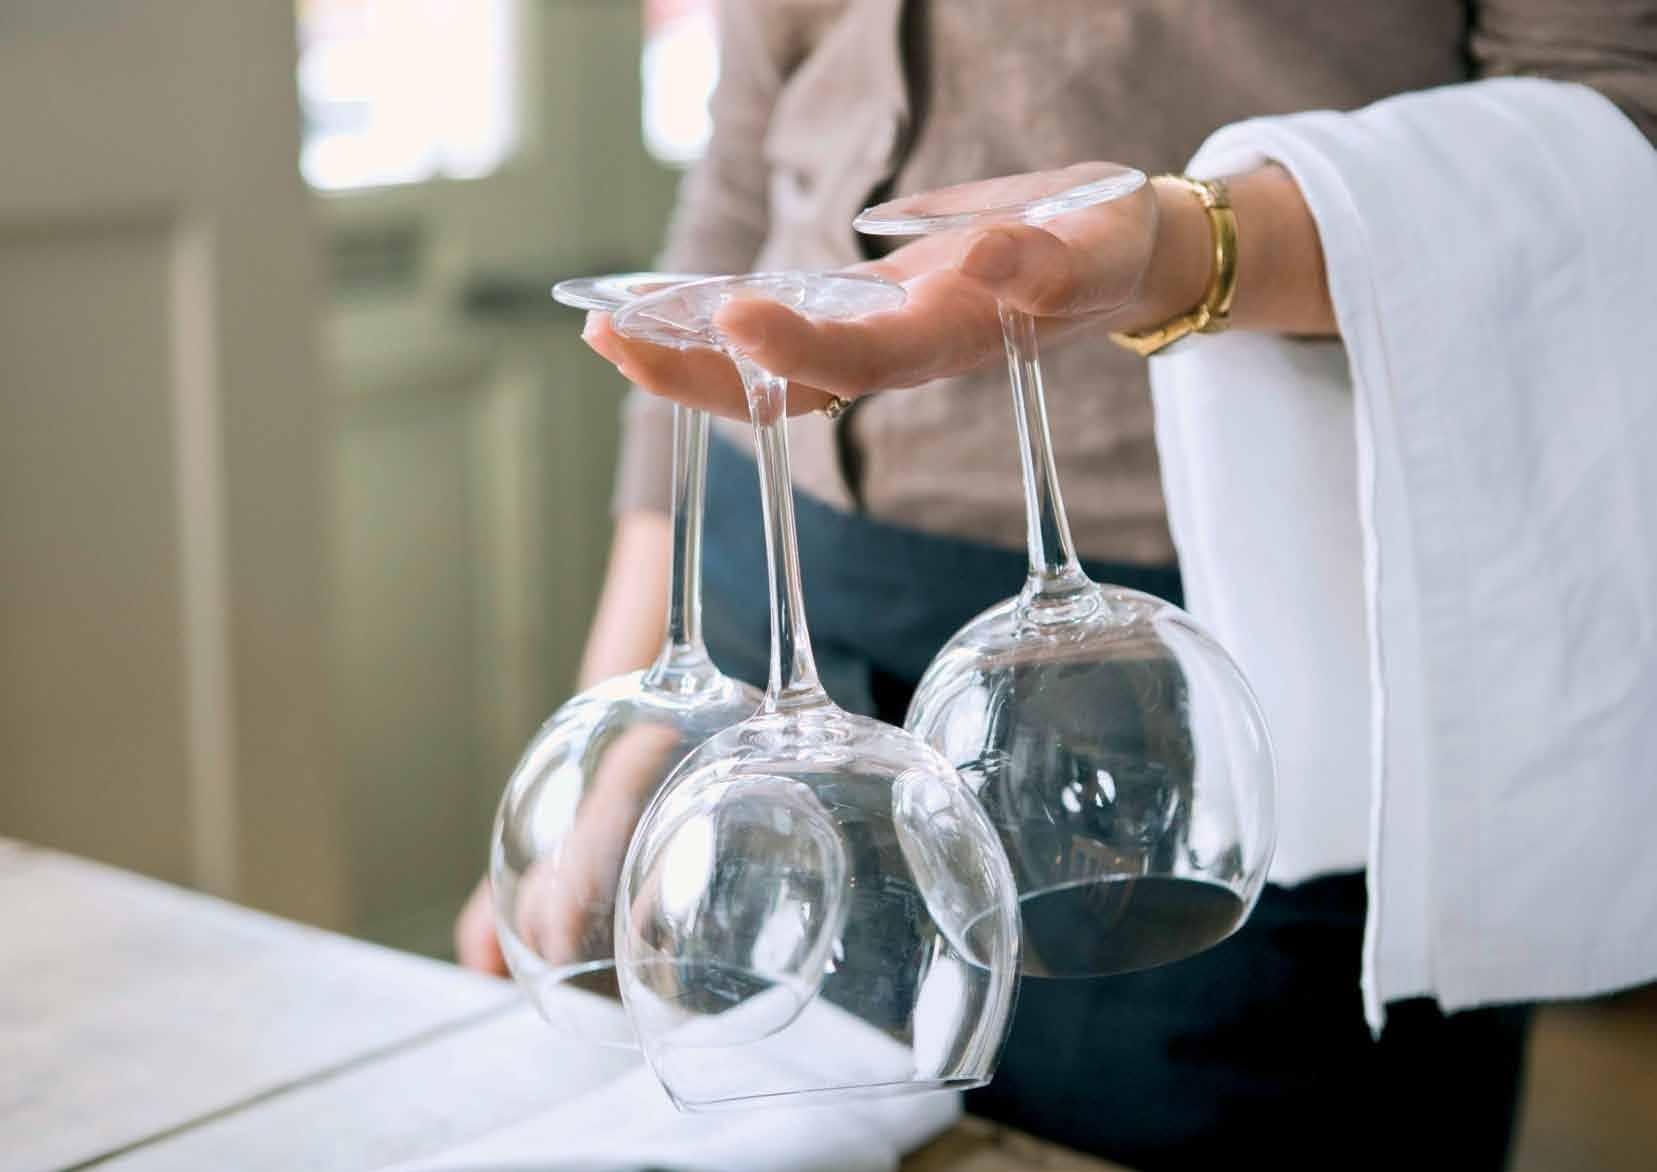 Методы очищения стеклянных ваз от налета